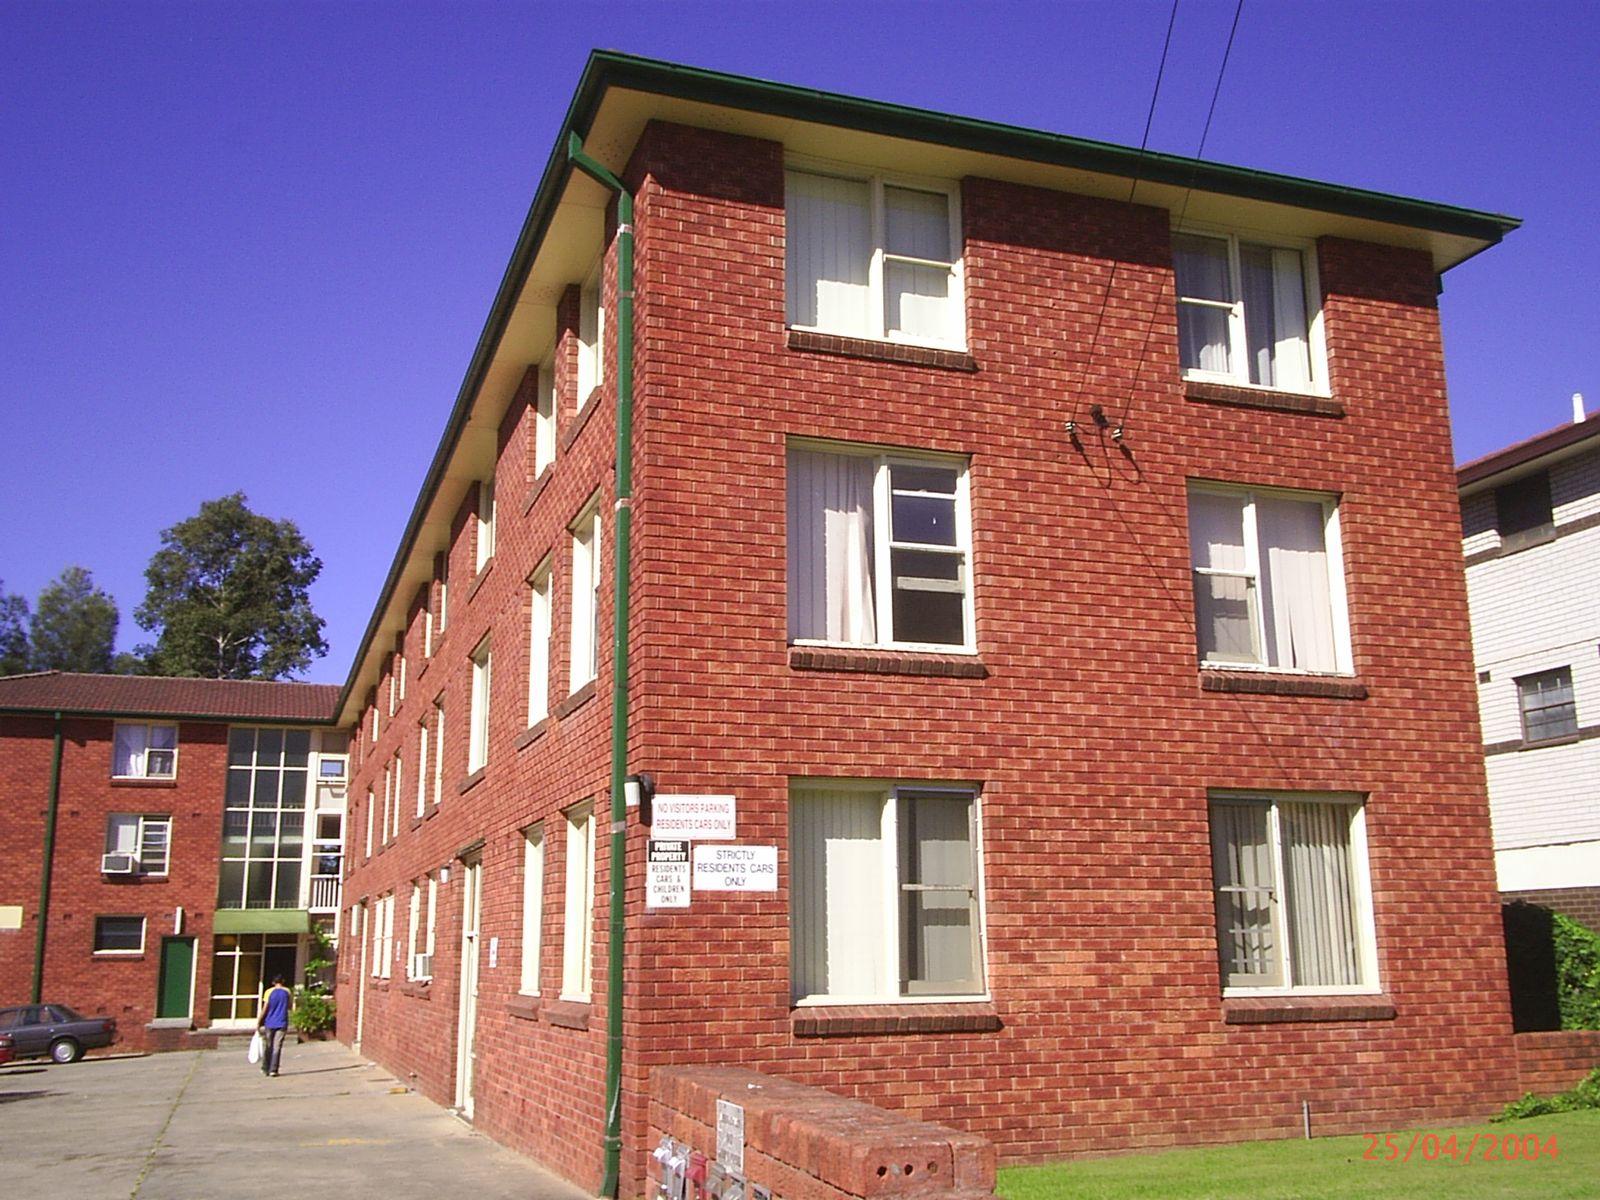 13/102 Auburn Road, Auburn, NSW 2144